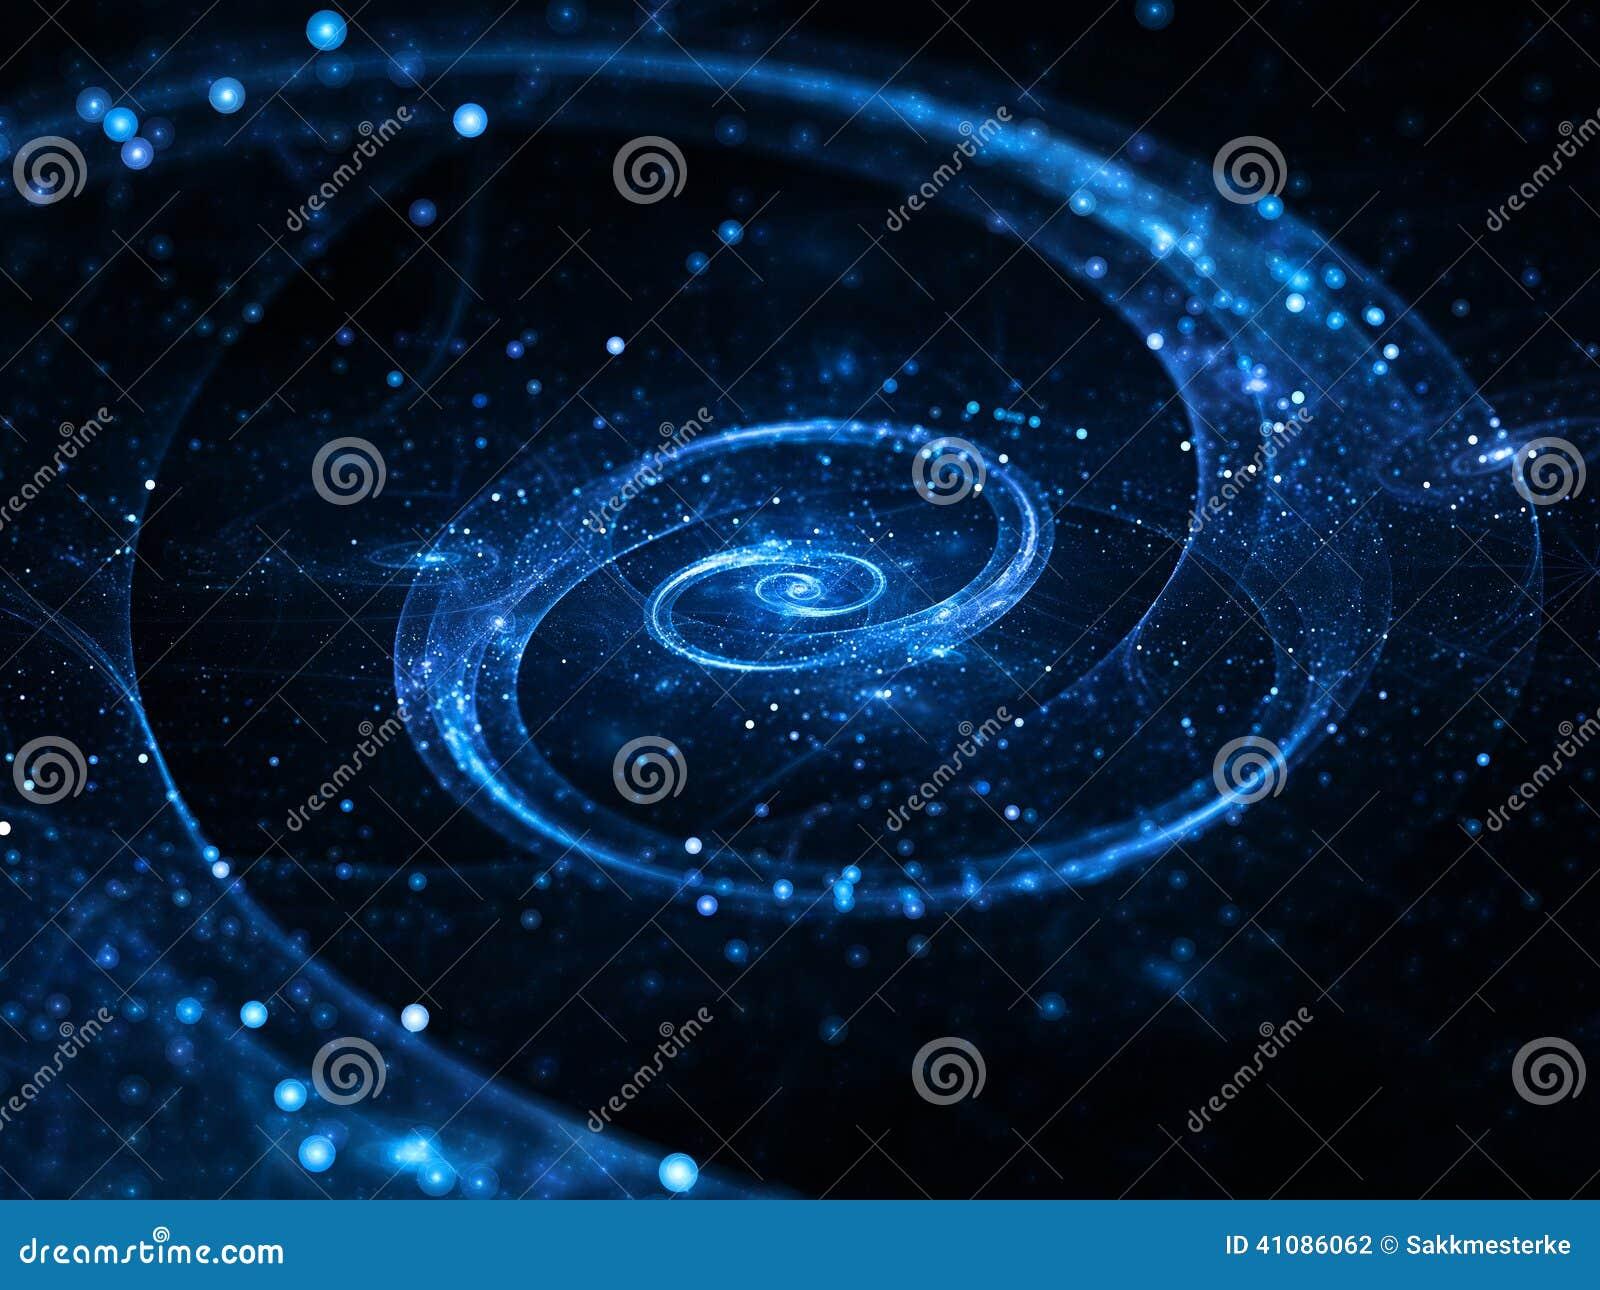 Spiraalvormige melkweg in diepe ruimte